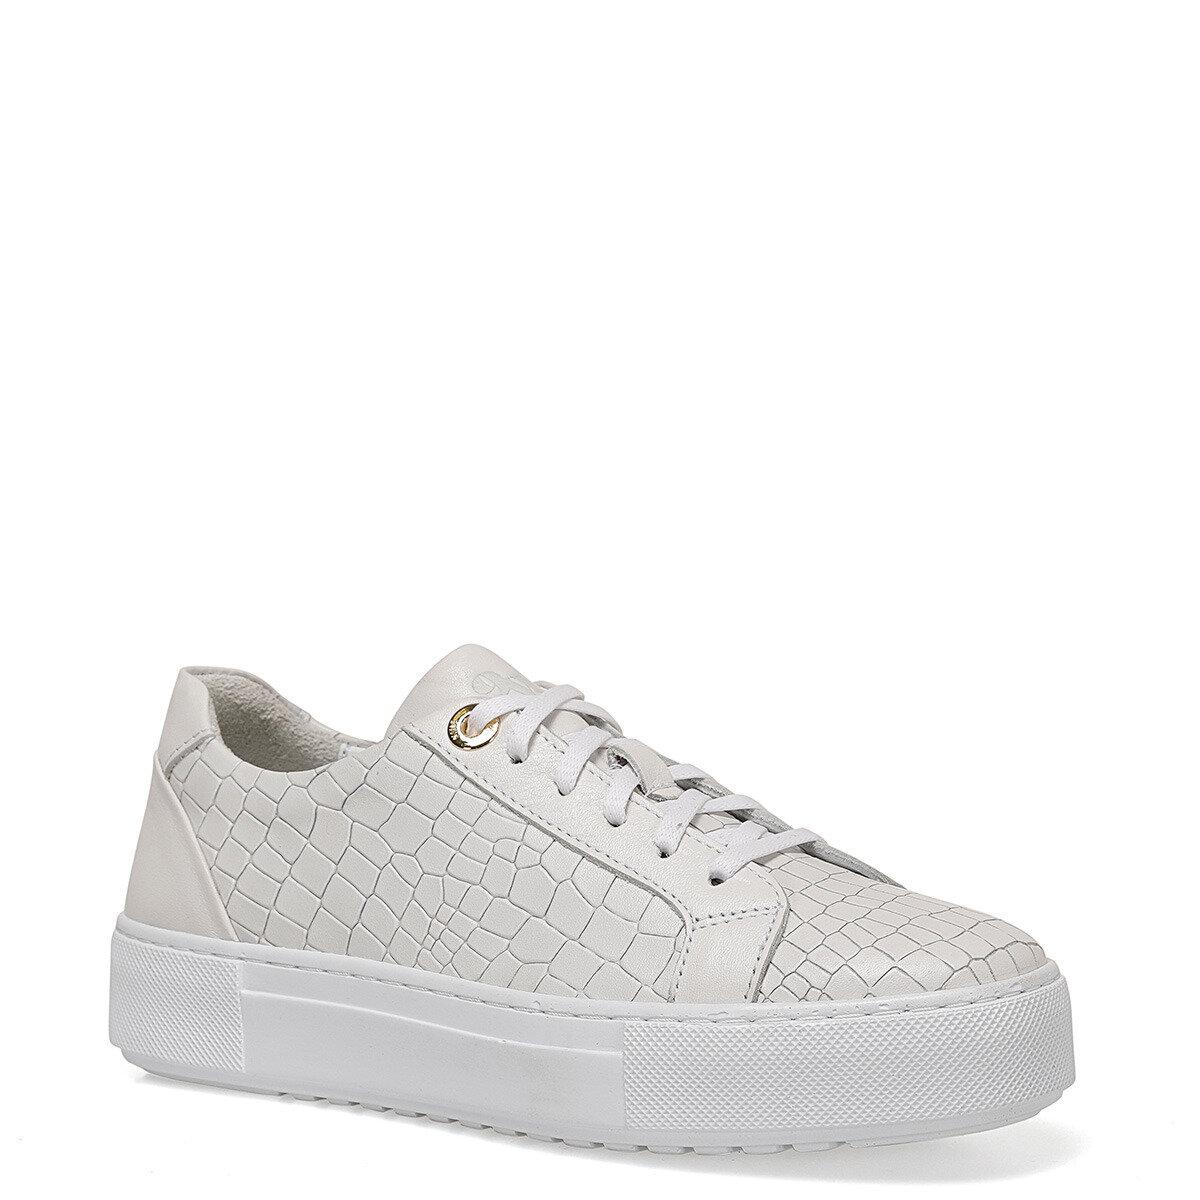 JANDY Beyaz Kadın Spor Ayakkabı